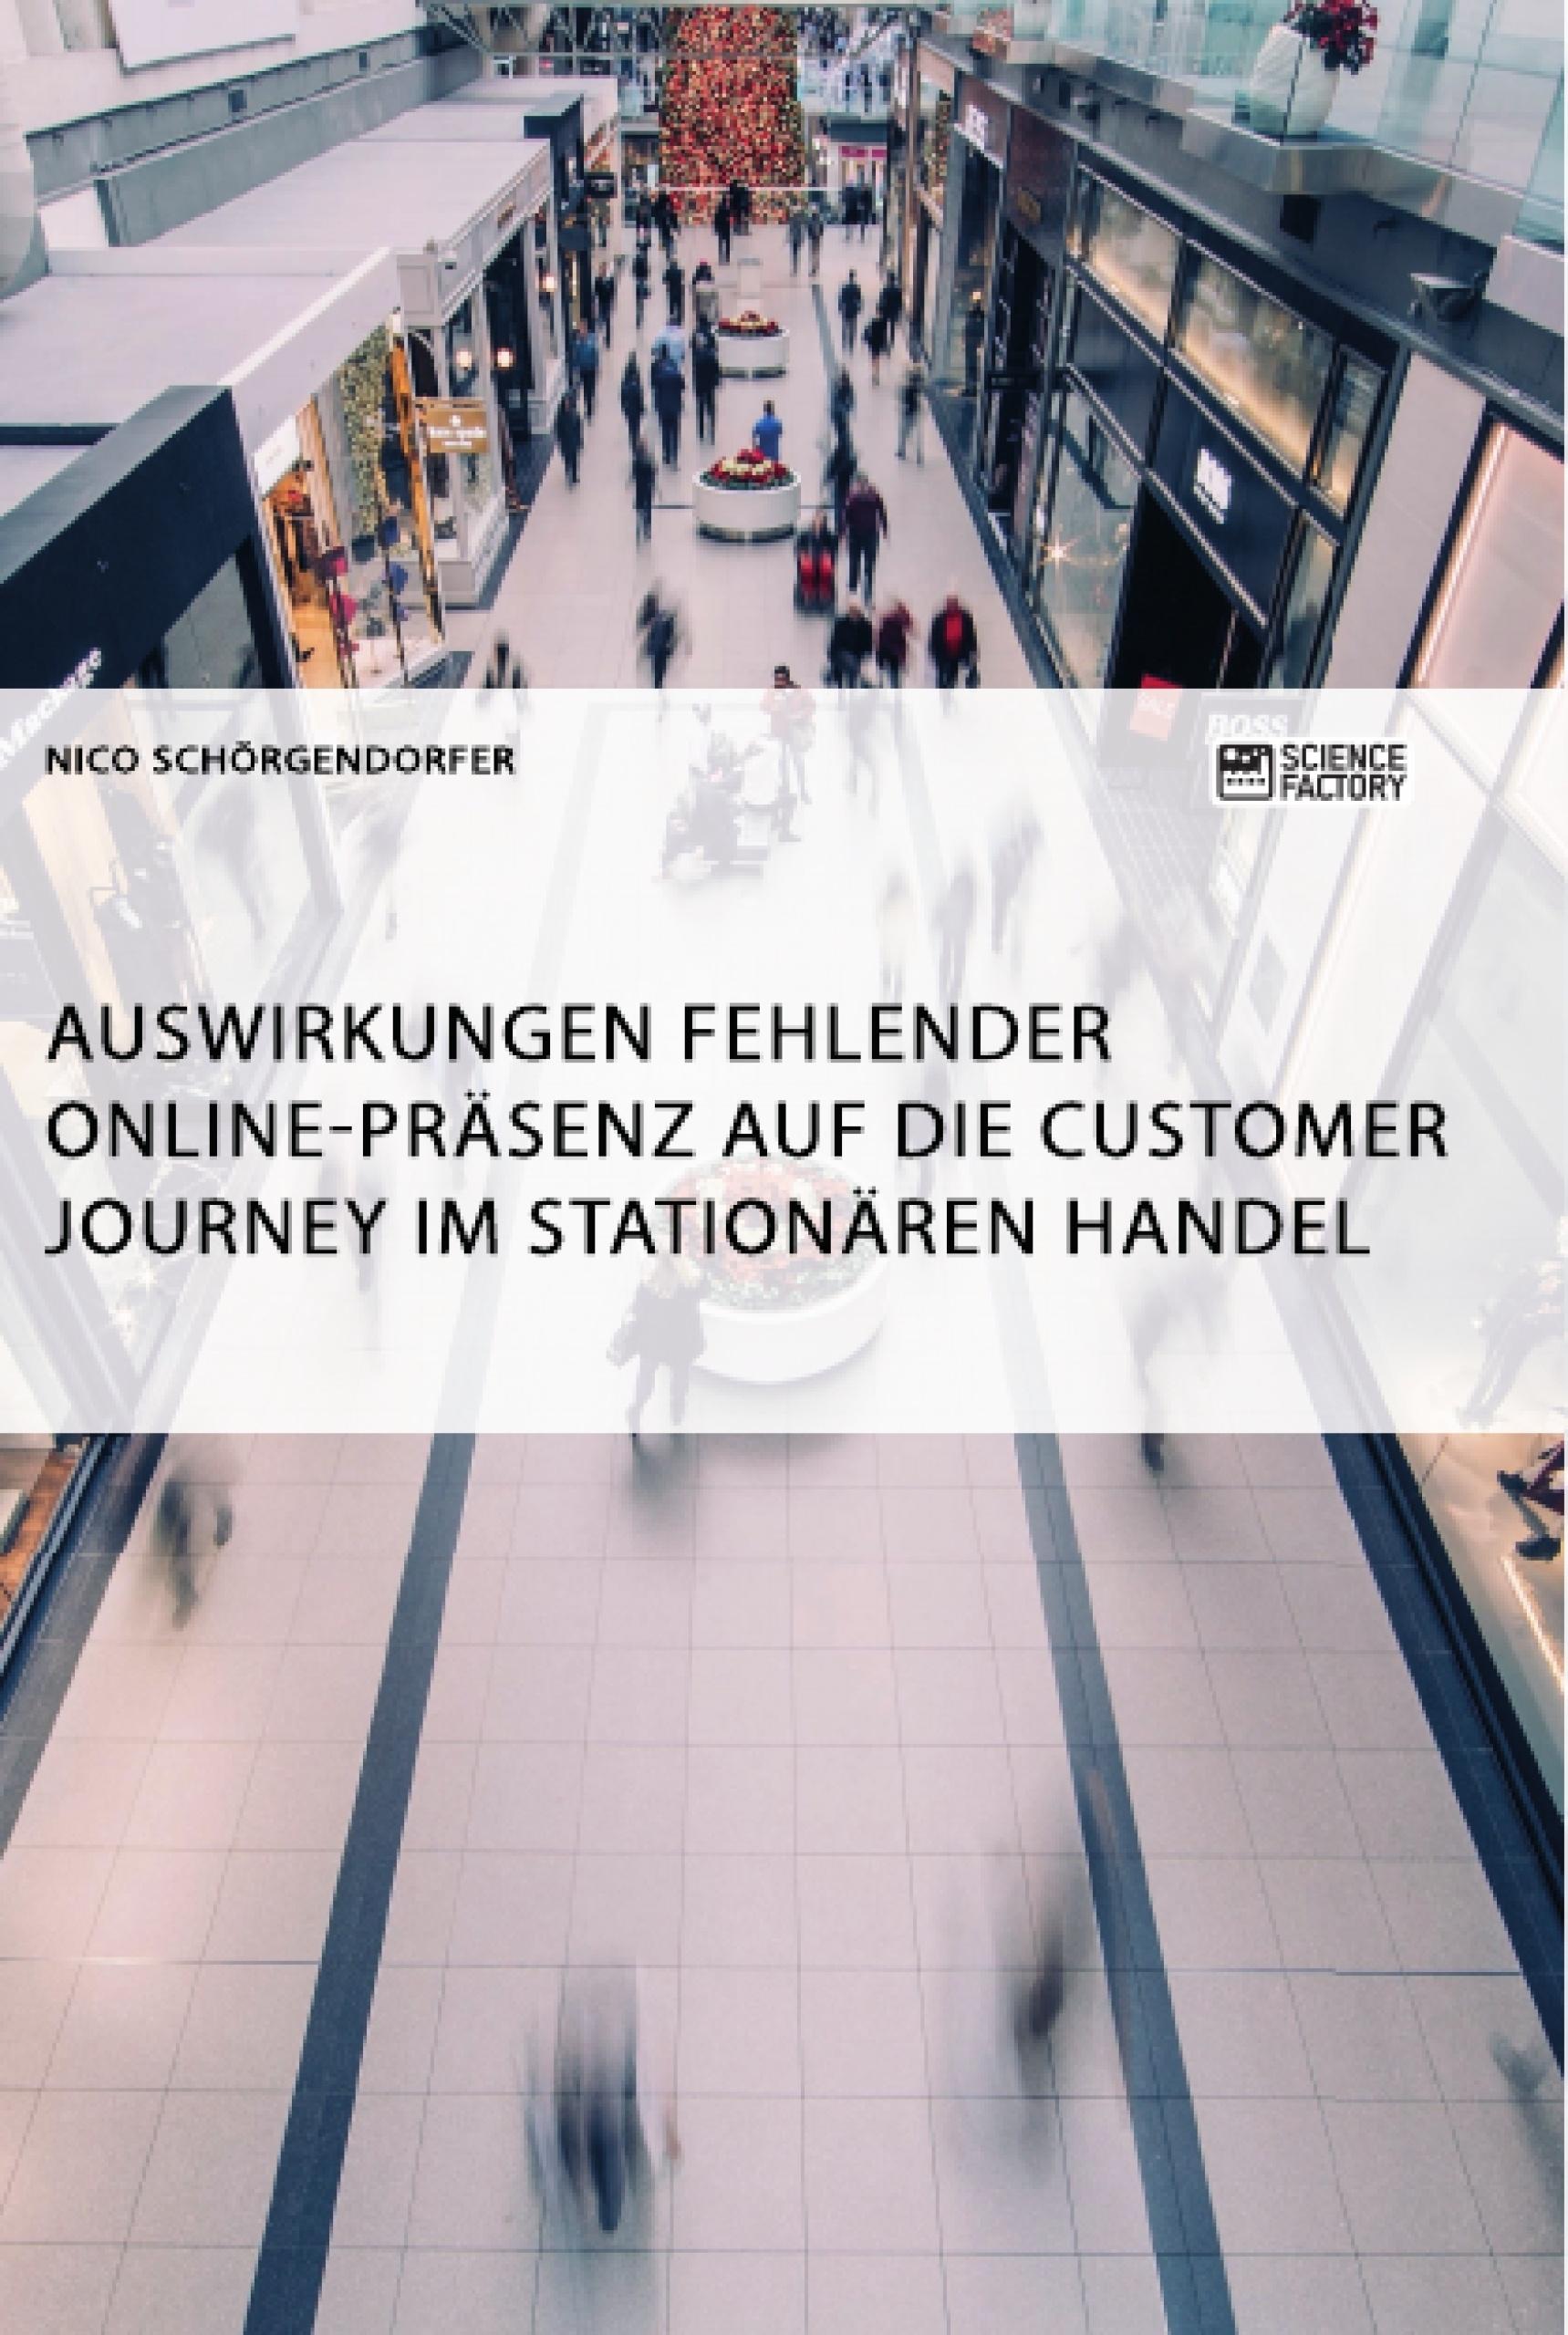 Titel: Auswirkungen fehlender Online-Präsenz auf die Customer Journey im stationären Handel